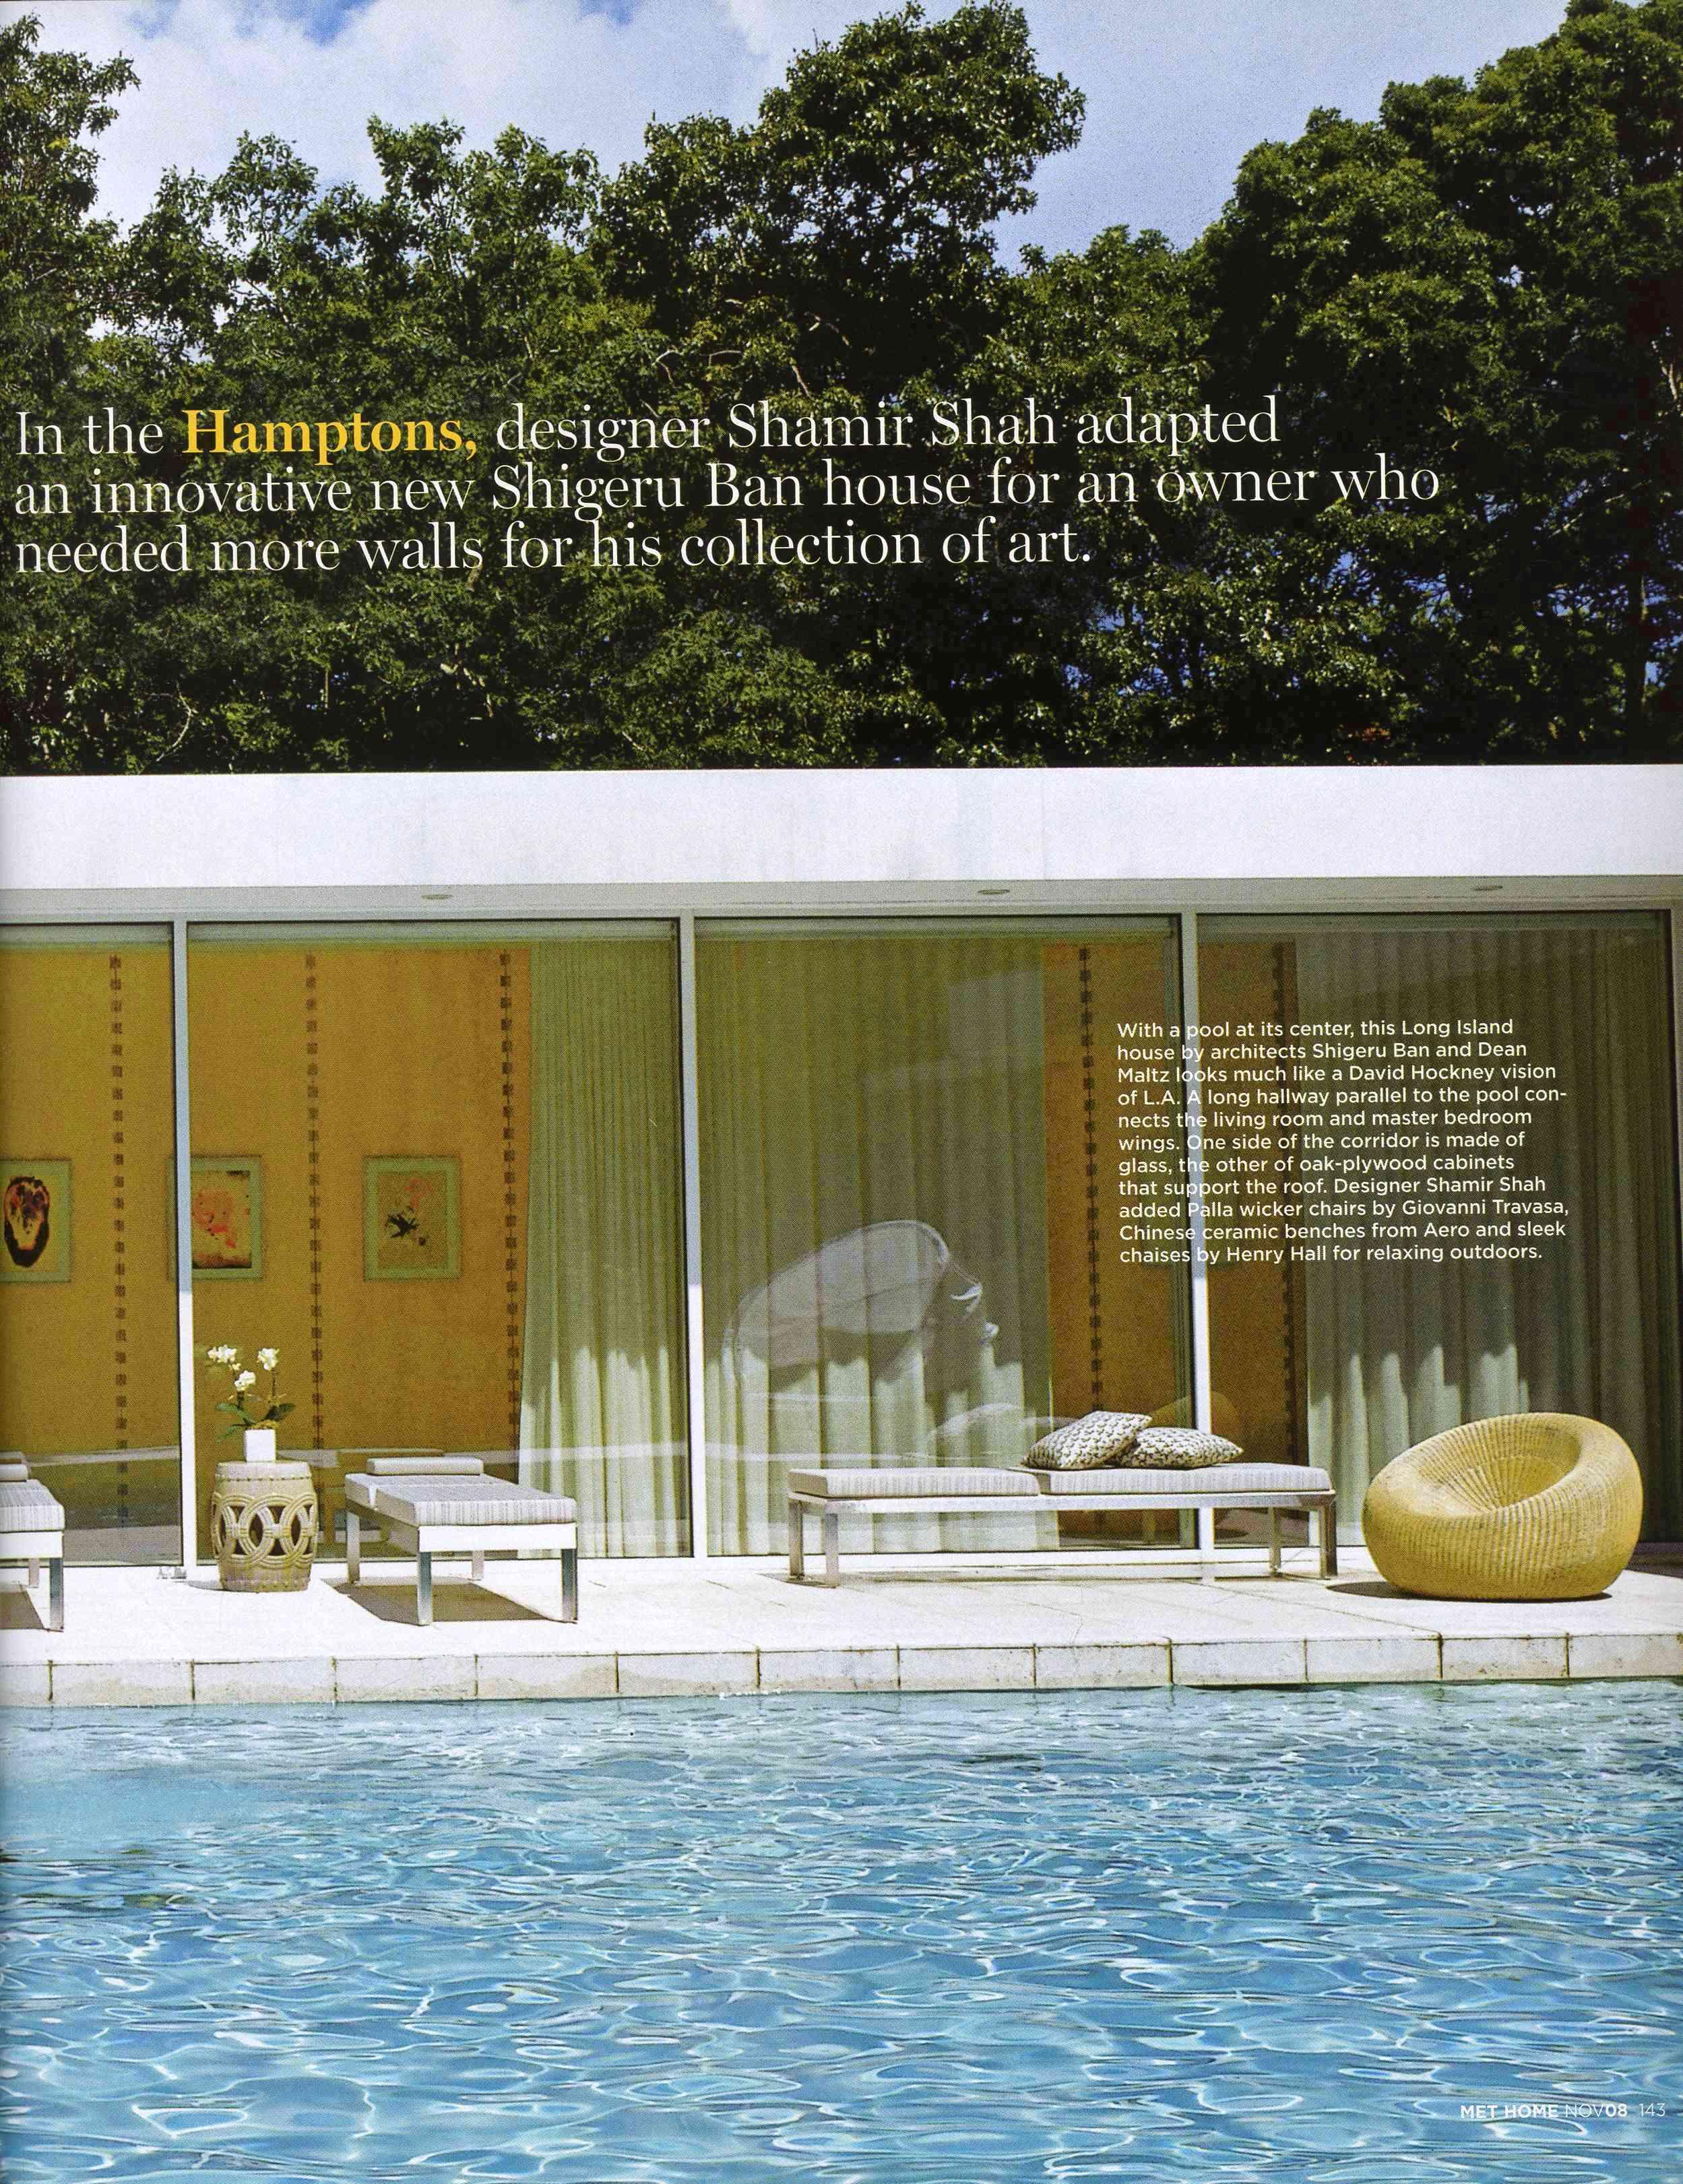 Met Home_Nov 08_Hamptons House_Full Article_Page_03.jpg